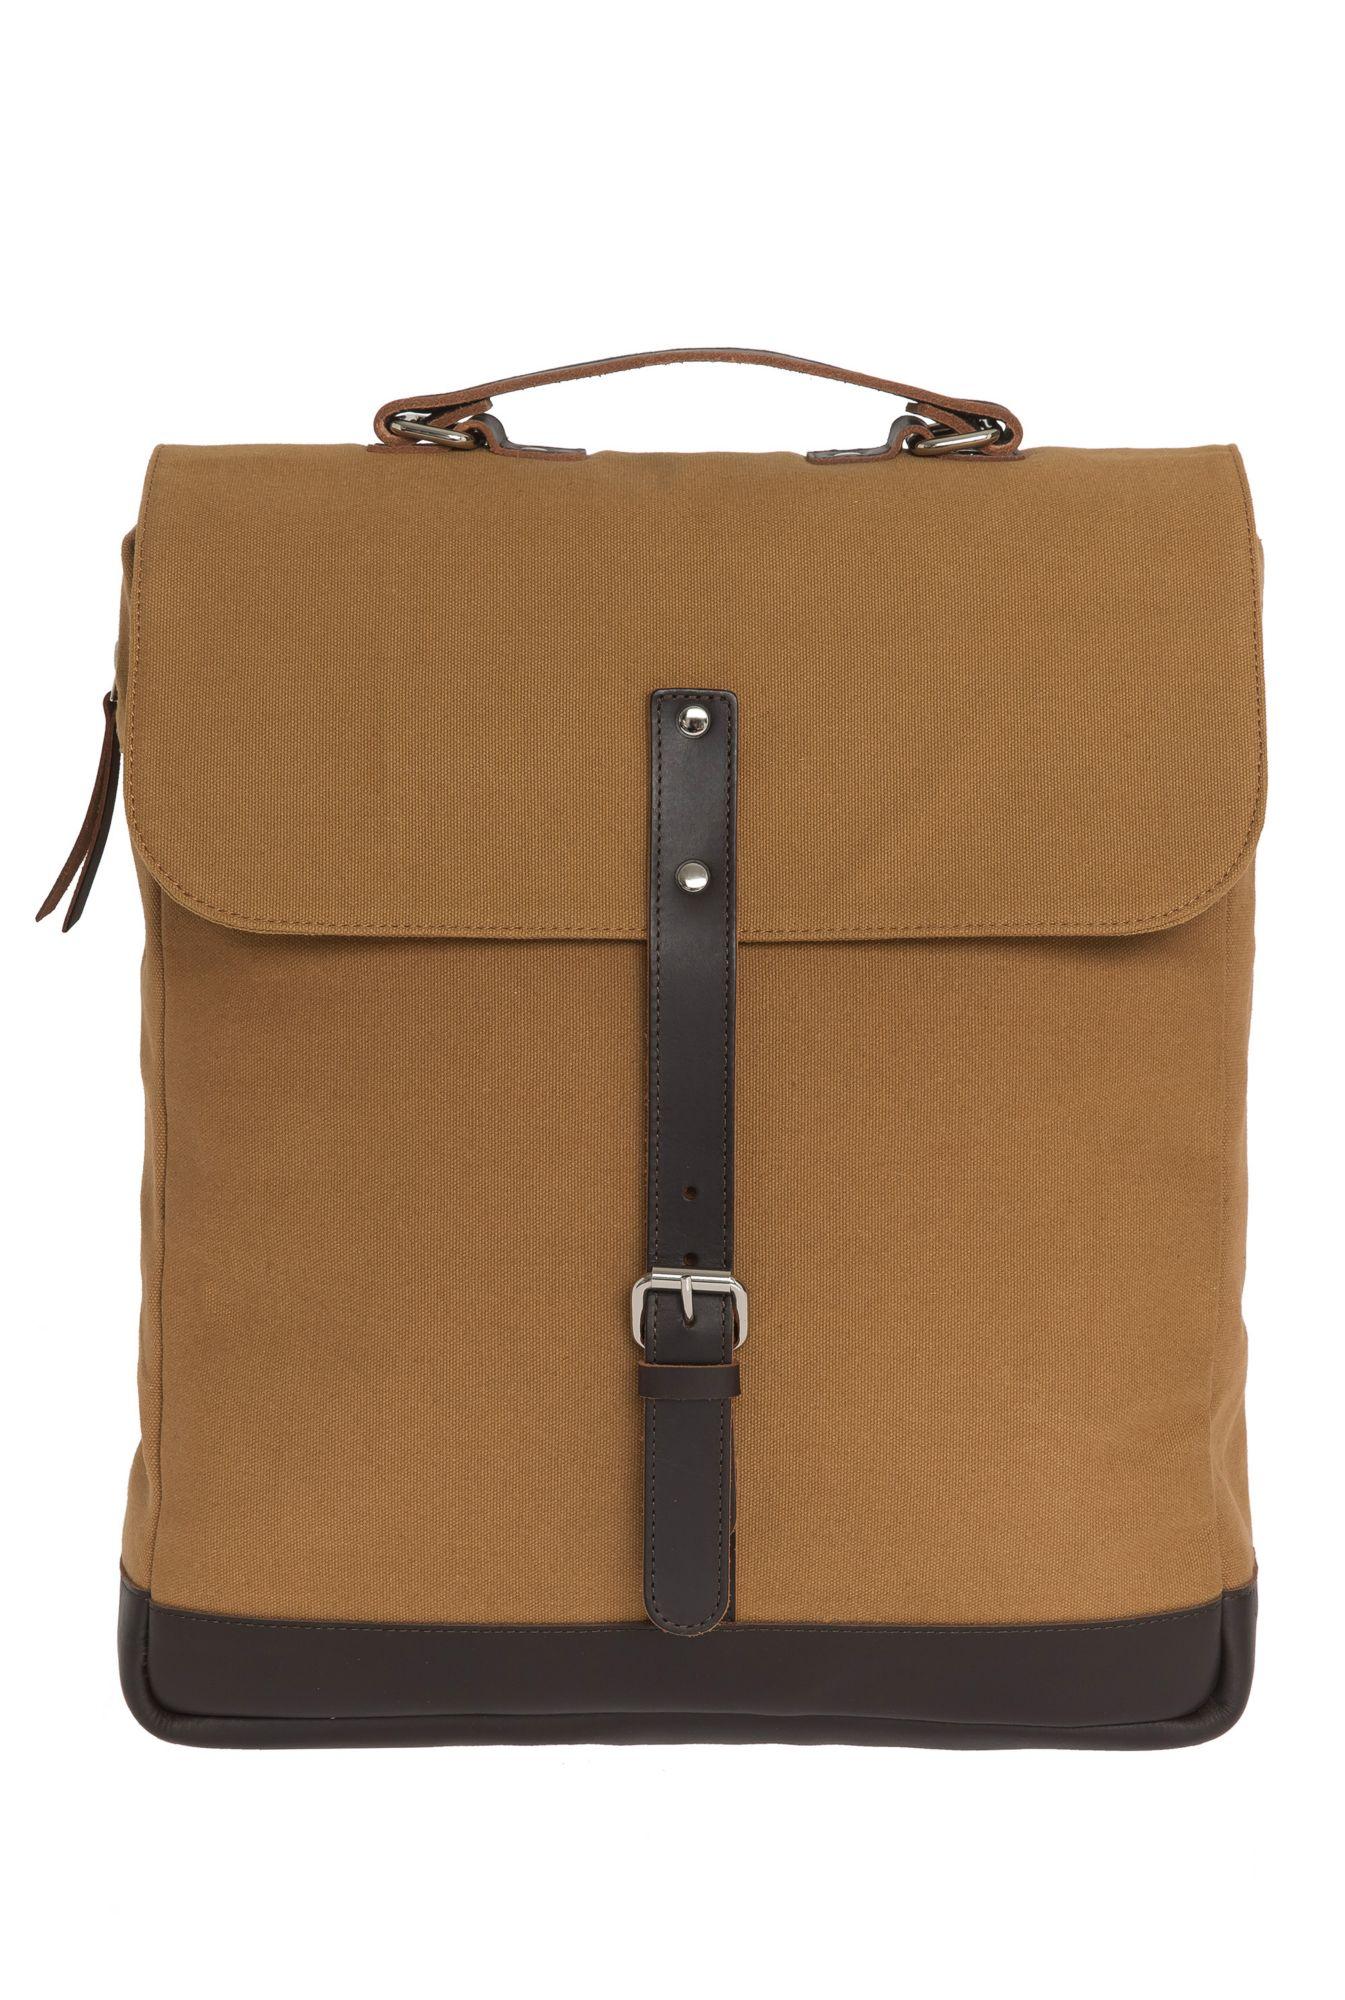 ENTER Enter Messenger Rucksack, »Messenger Backpack, Khaki/Dark Brown«